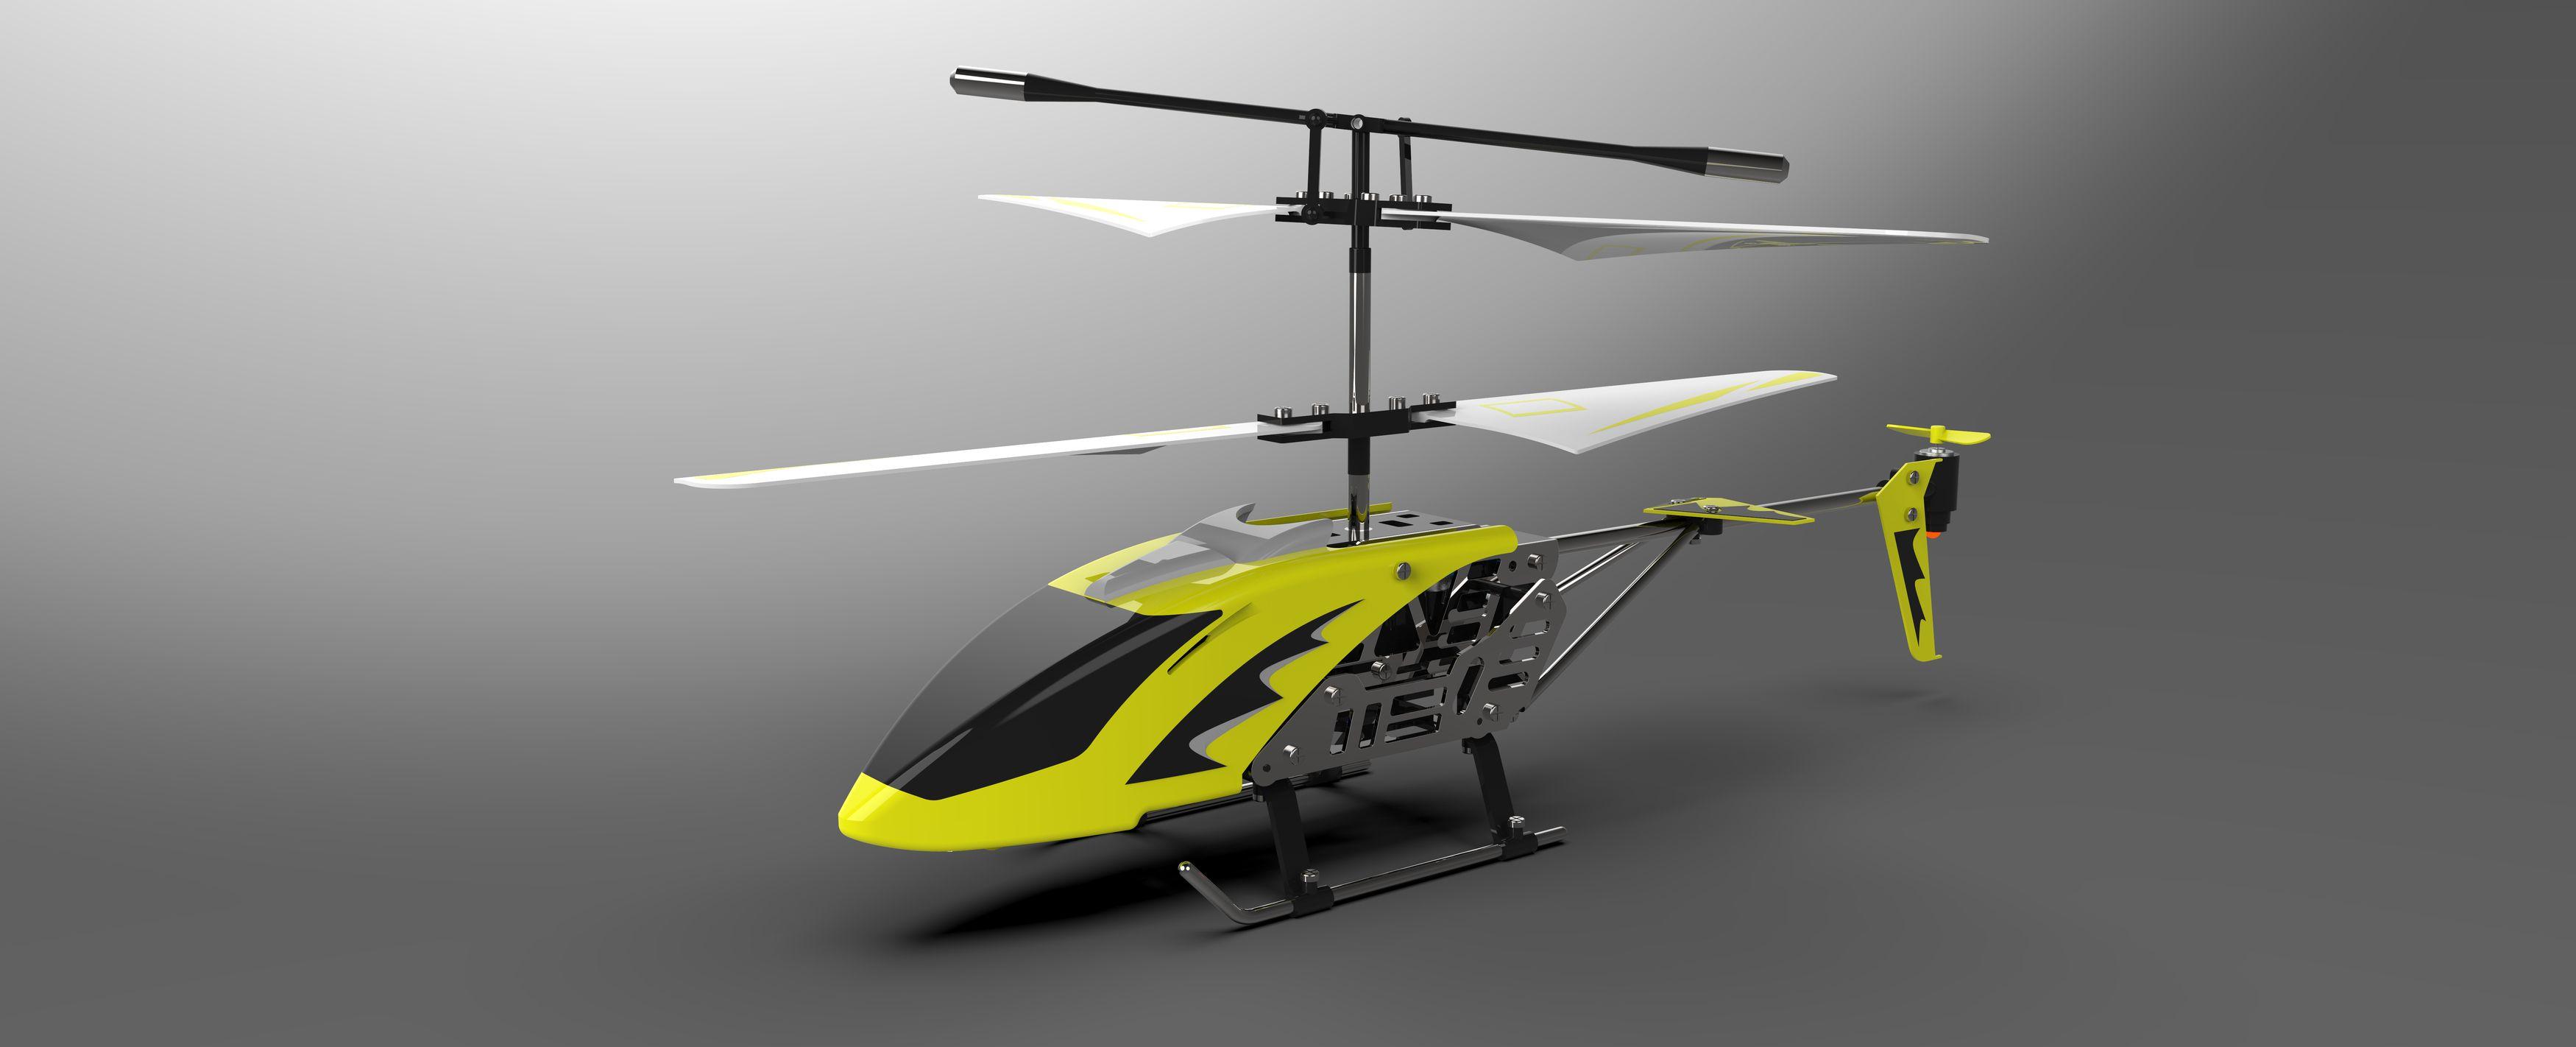 Choper-177-3500-3500